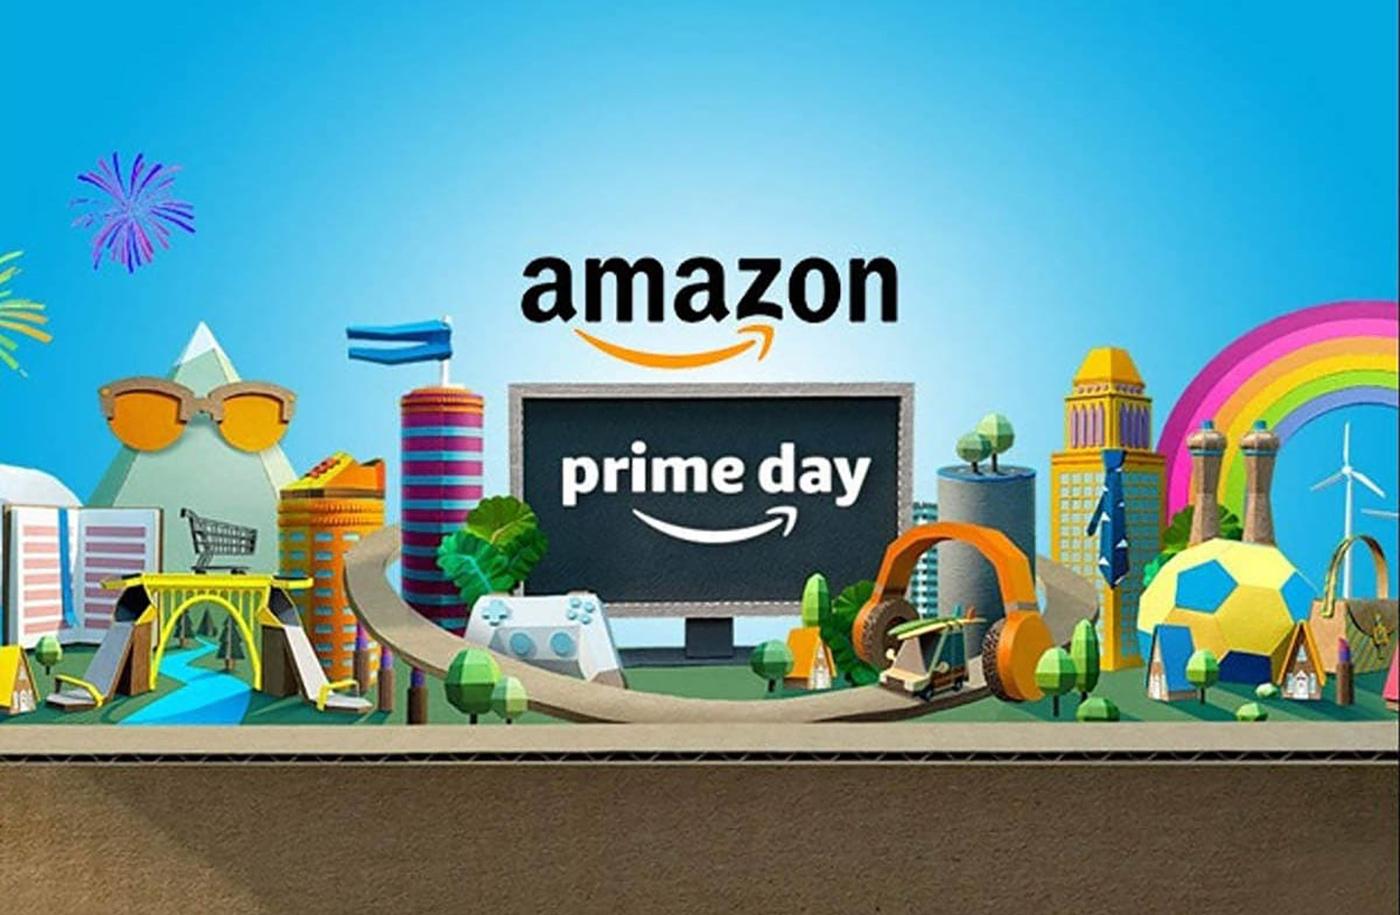 amazon prime day - photo #18